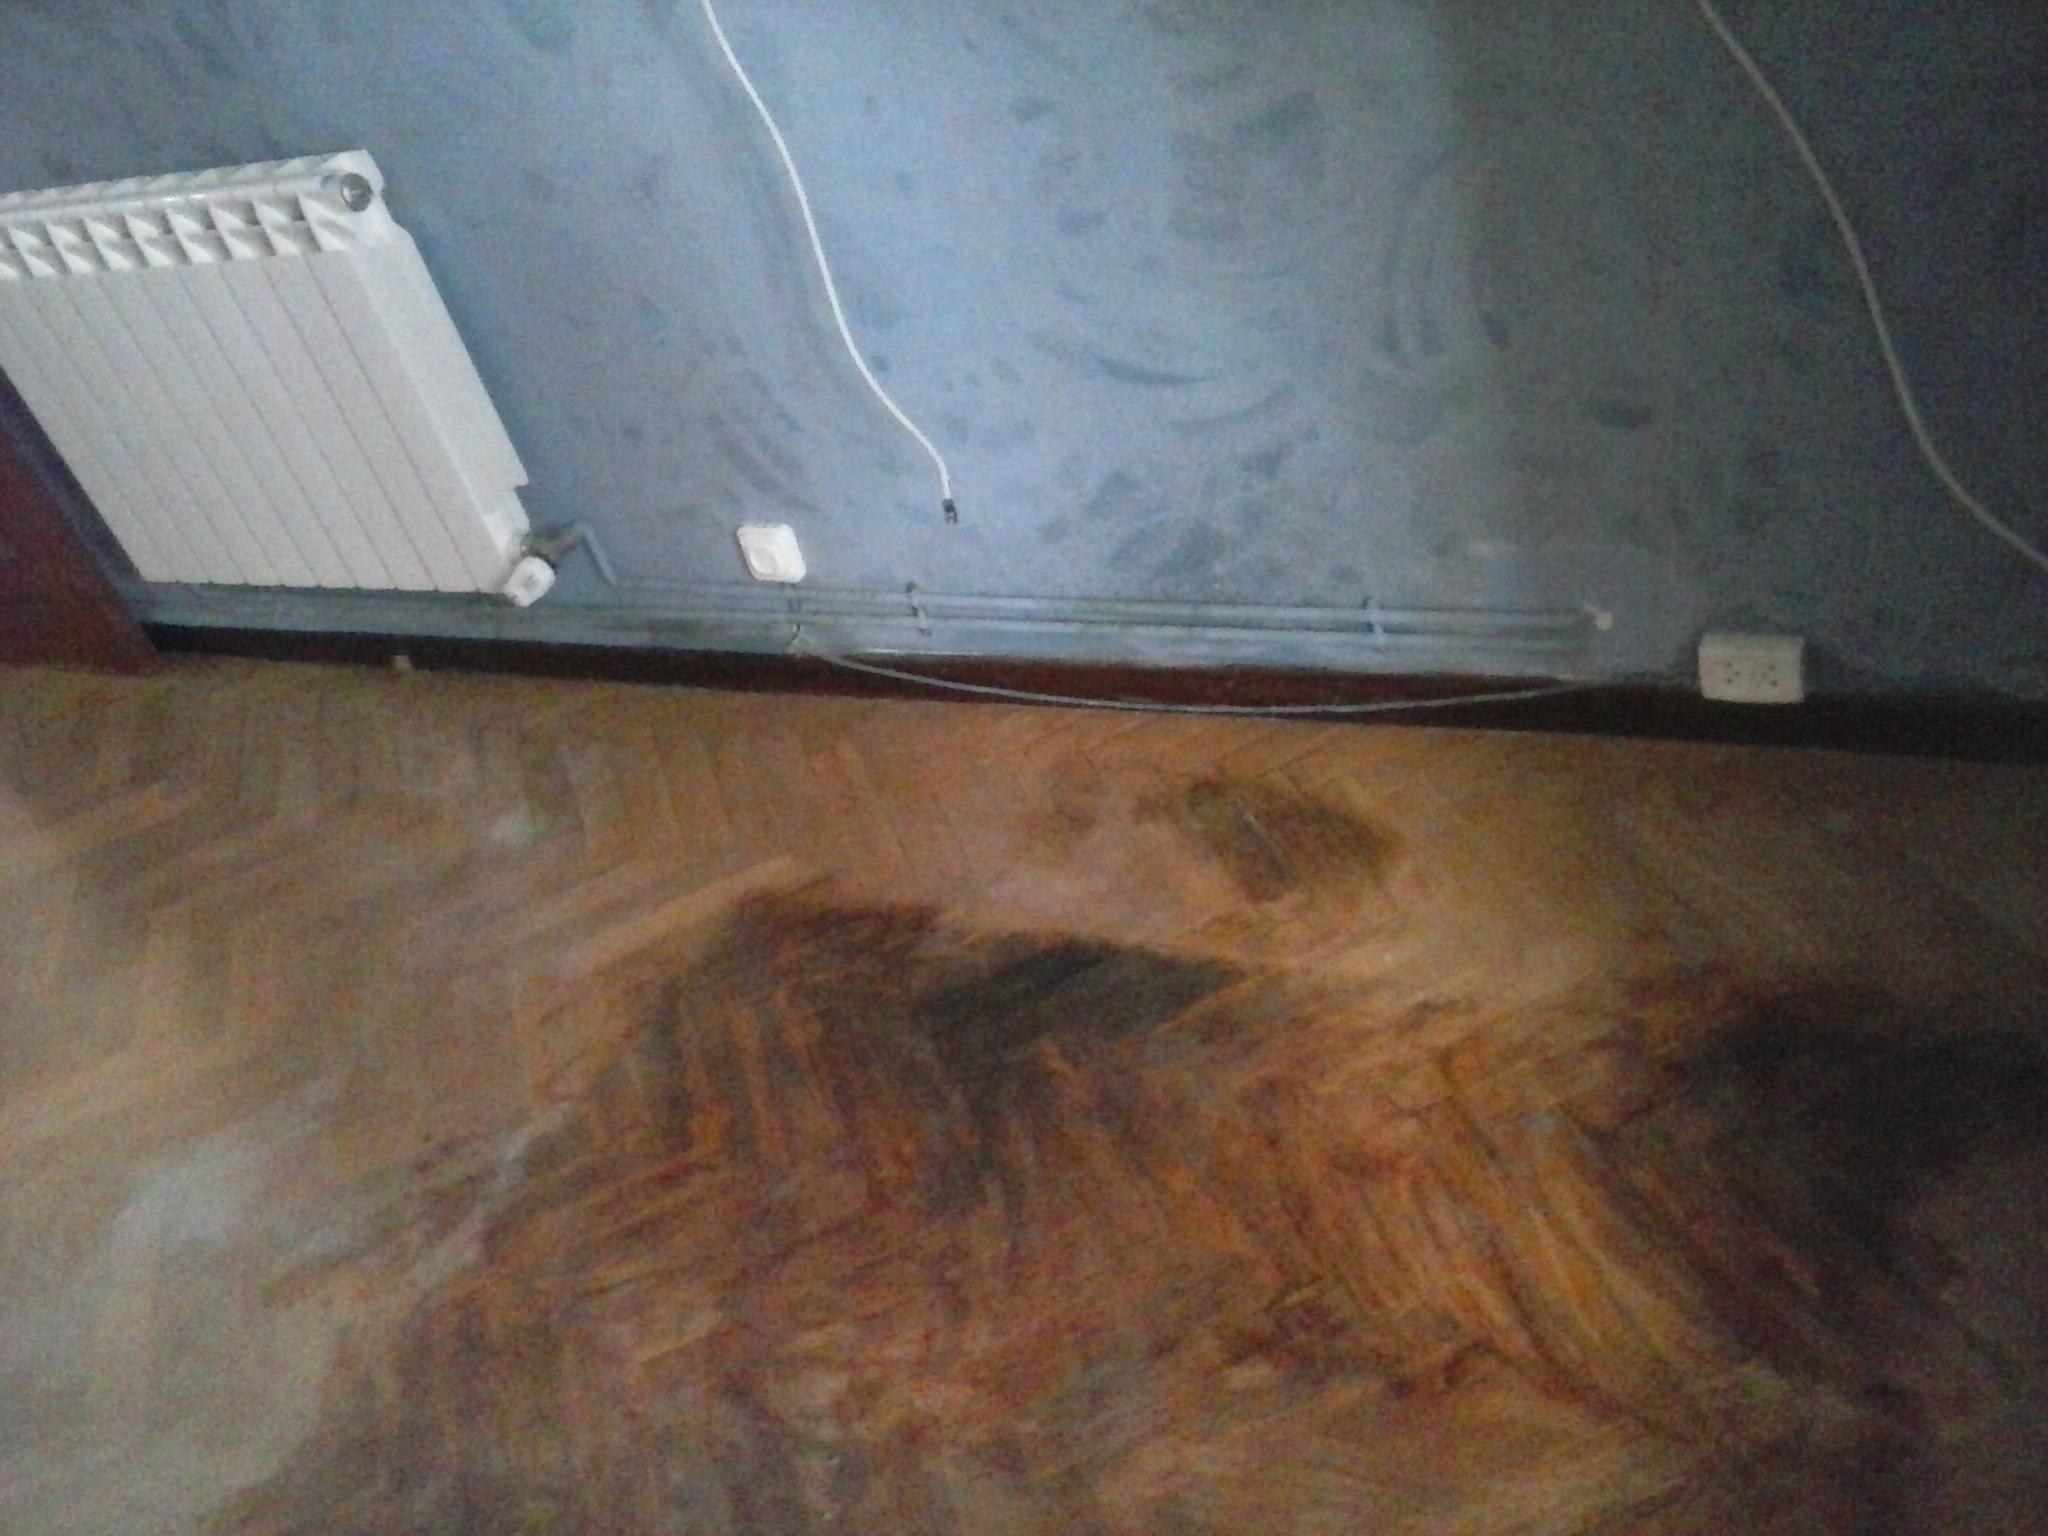 El peligro de alquilar un piso en valladolid for Alquilar un piso